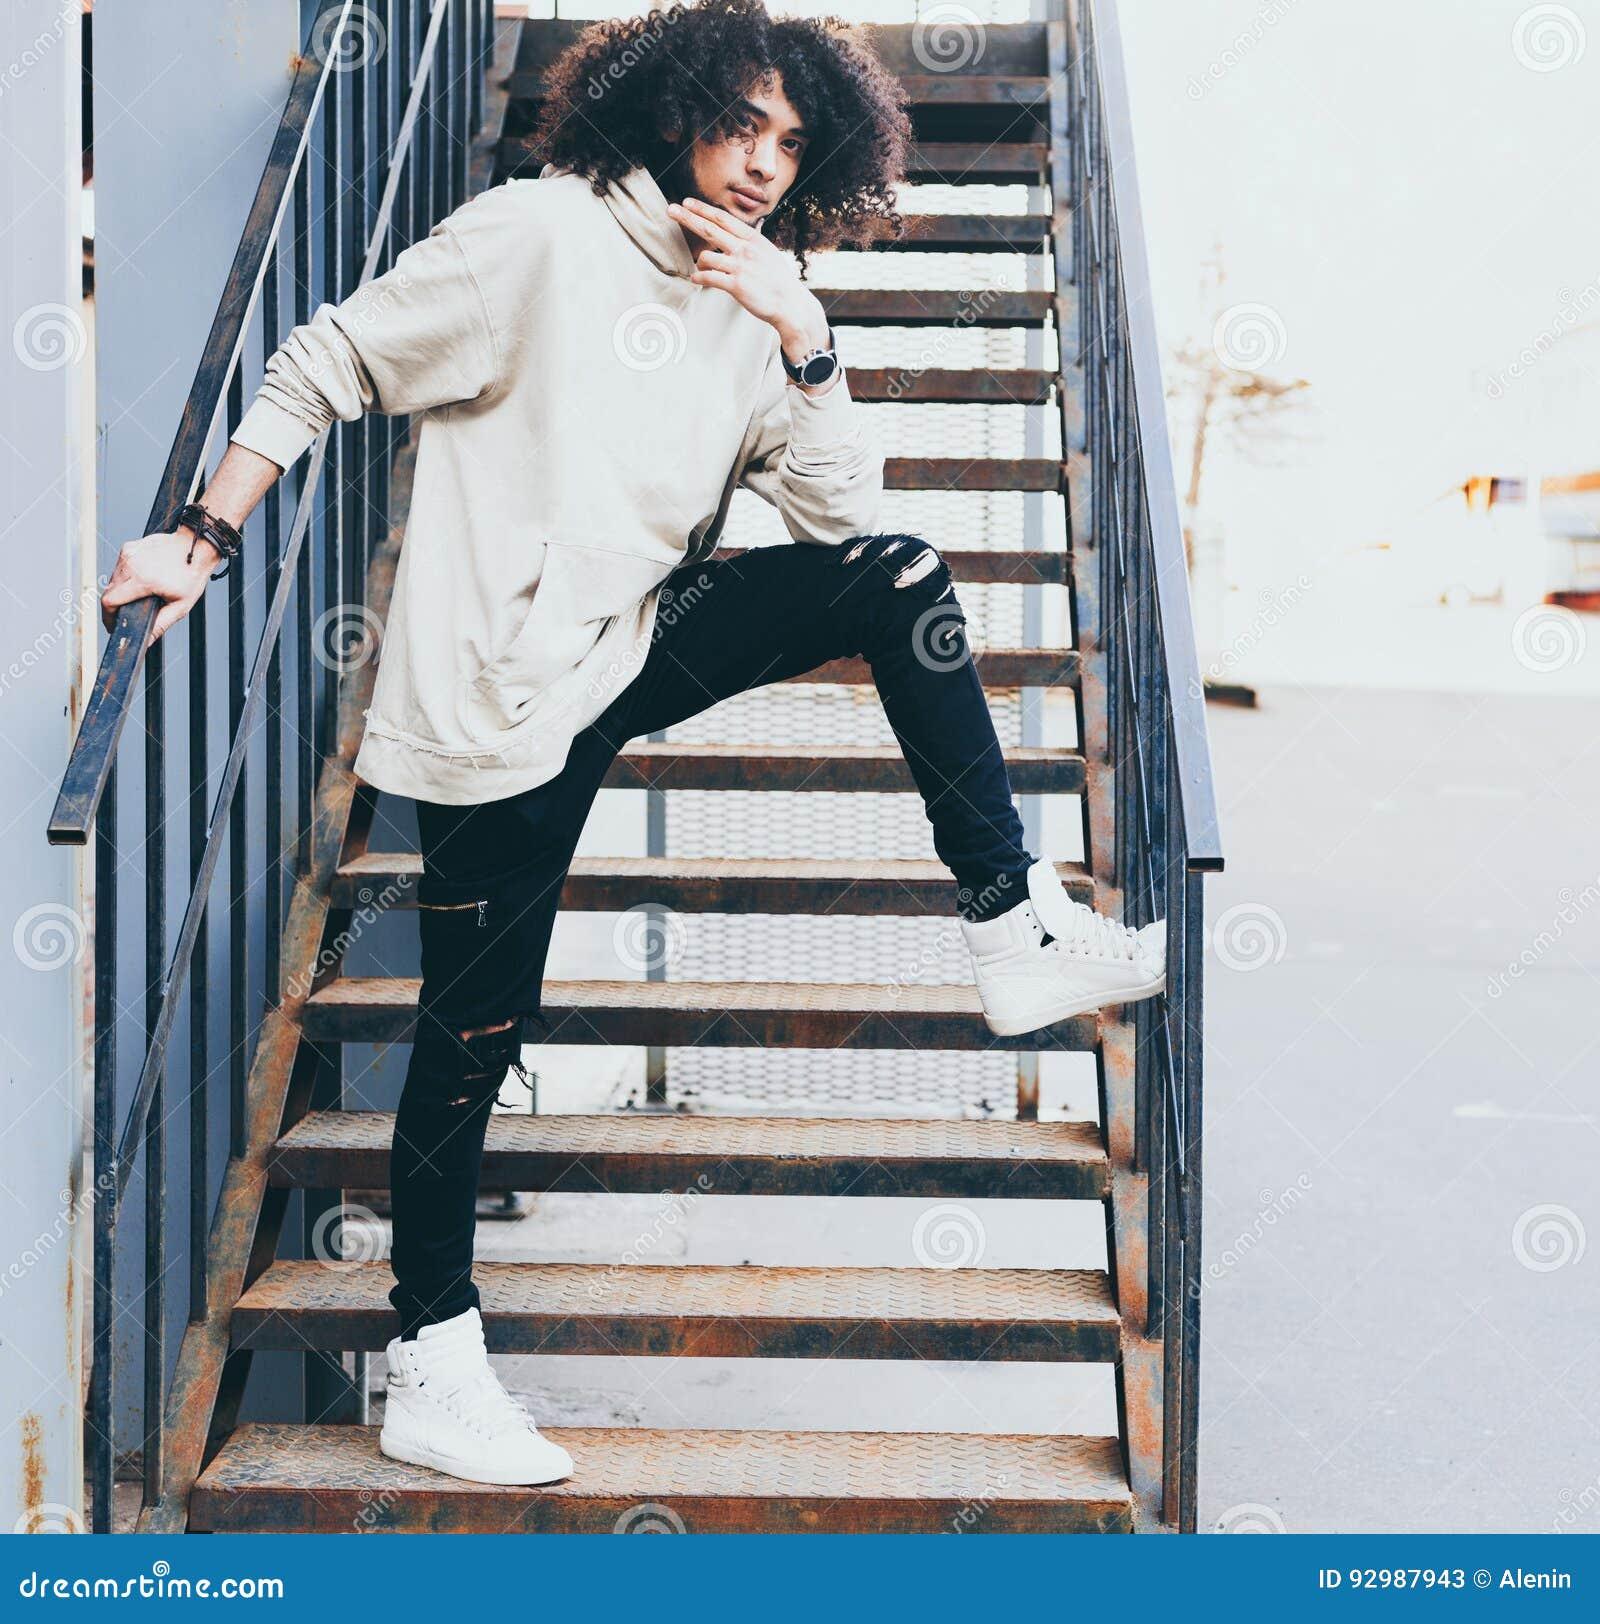 Детеныши модно одели человека в холодном обмундировании представляя на лестнице металла Волосы стиля Афро Streetstyle Мода молодо